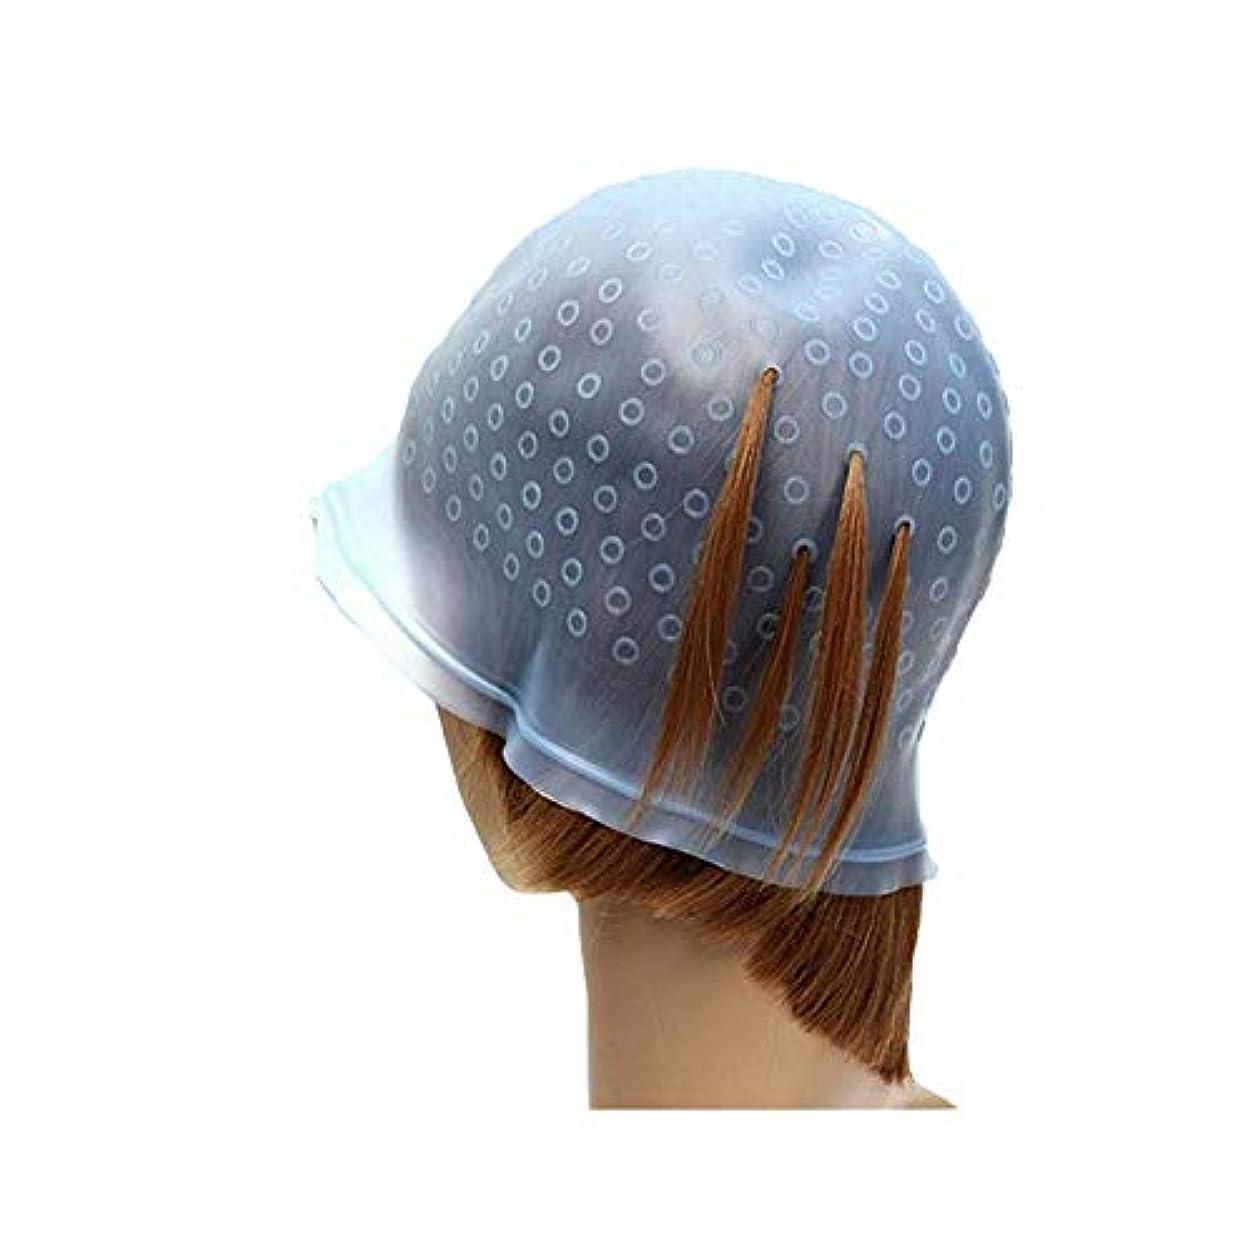 予約二十マニュアルカラーリング メッシュ用 シリコンキャップ セルフカラー 髪の毛 穴あけ用のかぎ針付き 髪 レディース メンズ